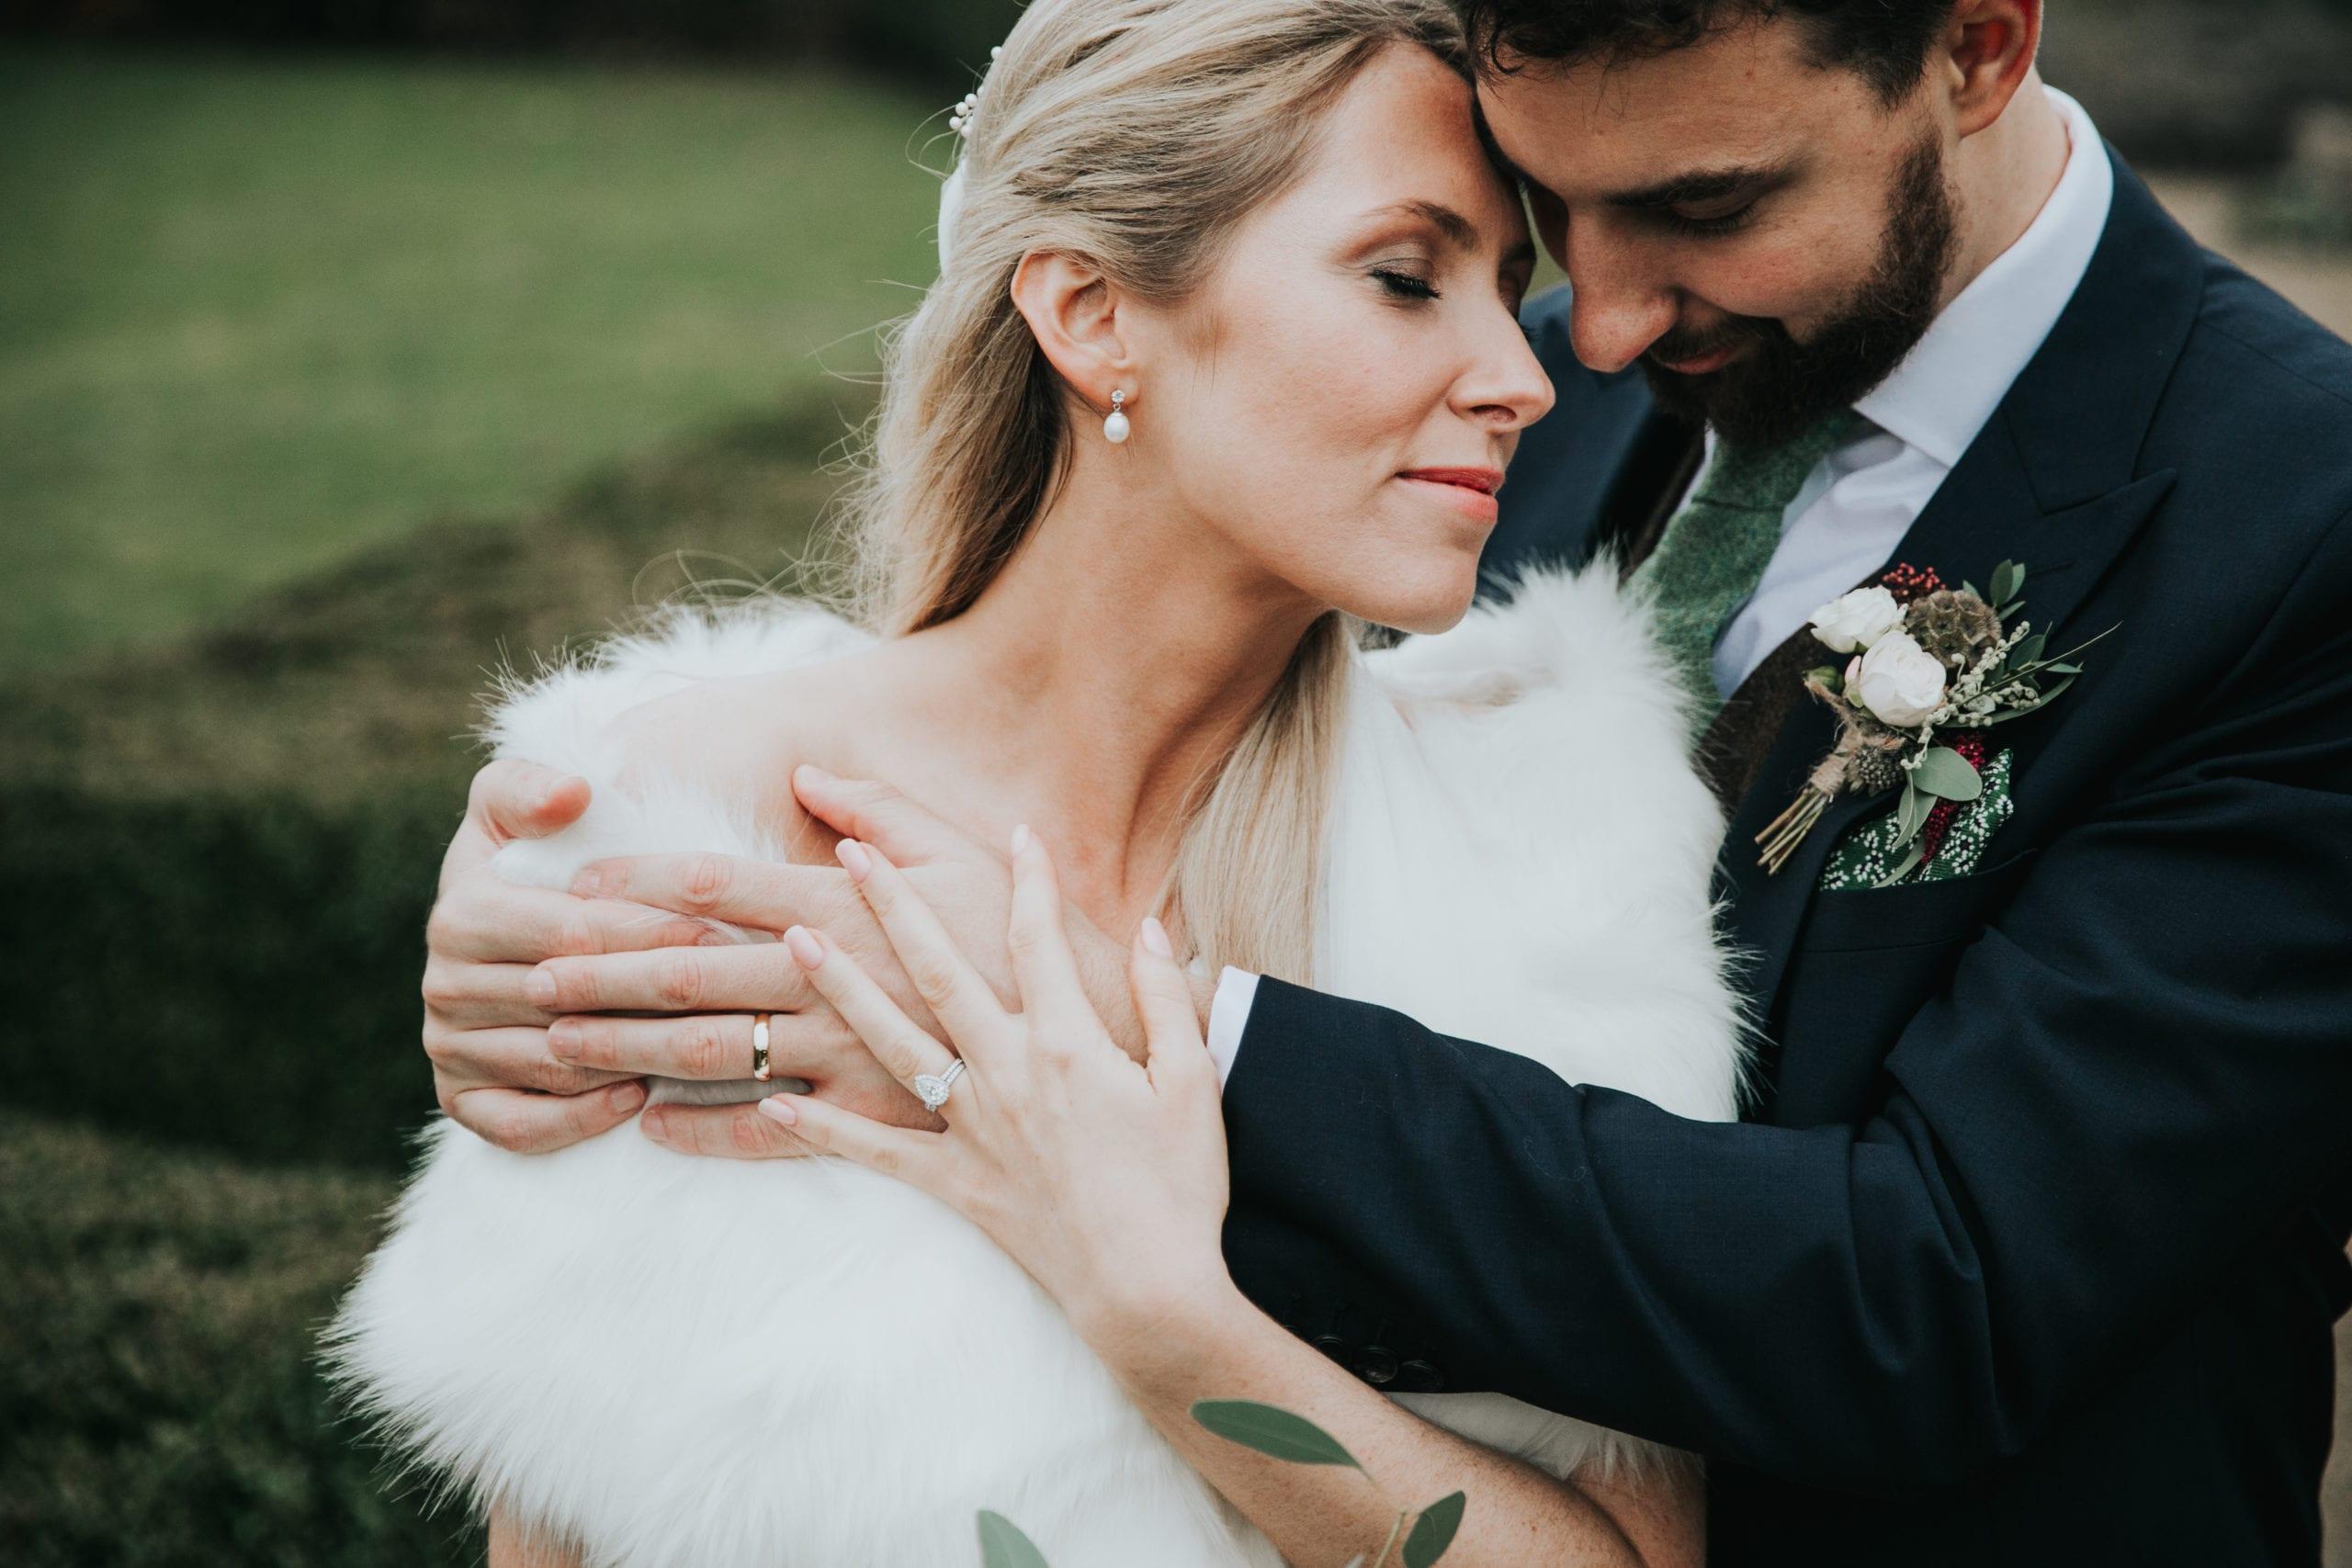 Matrimonio rimandato? Ecco la cosa più importante da fare